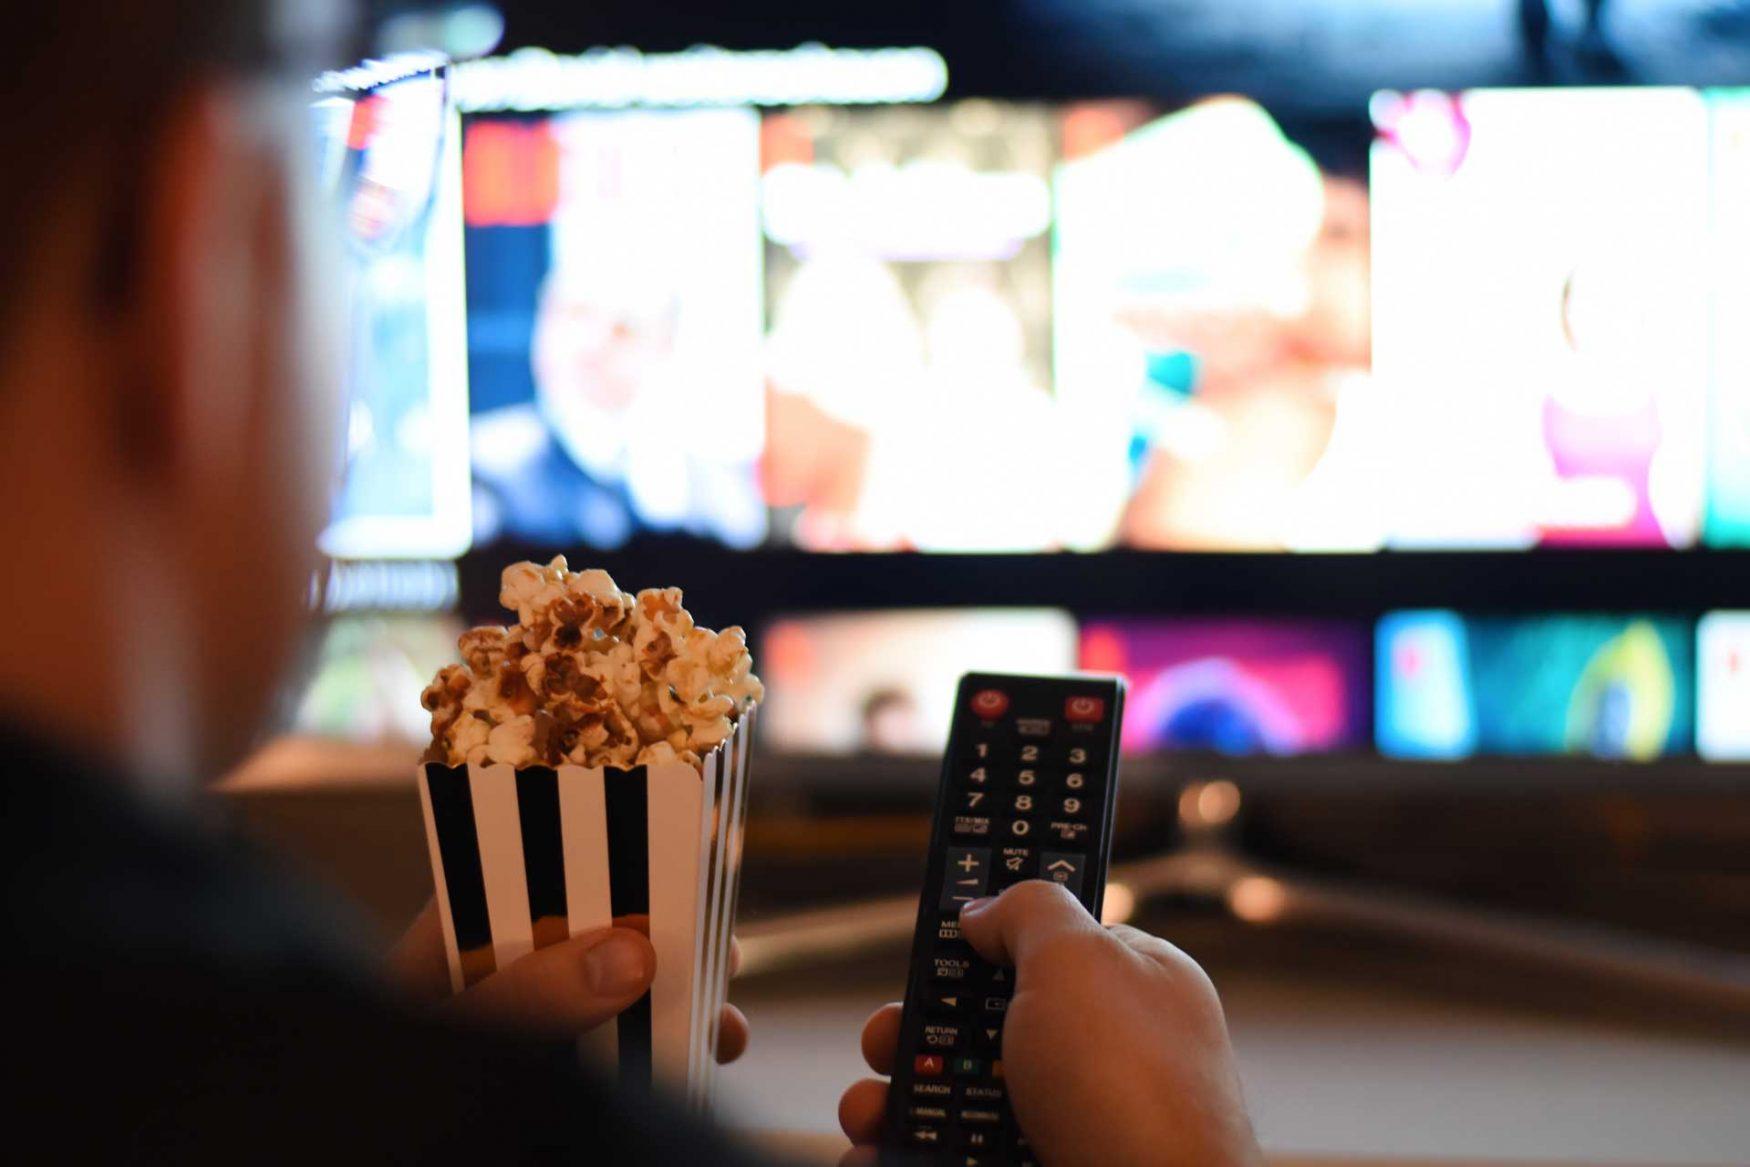 De espaldas, un hombre sostiene con una mano, una porción de pochoclos y en la otra, el control remoto que apunta a un televisor con Cinear Play.